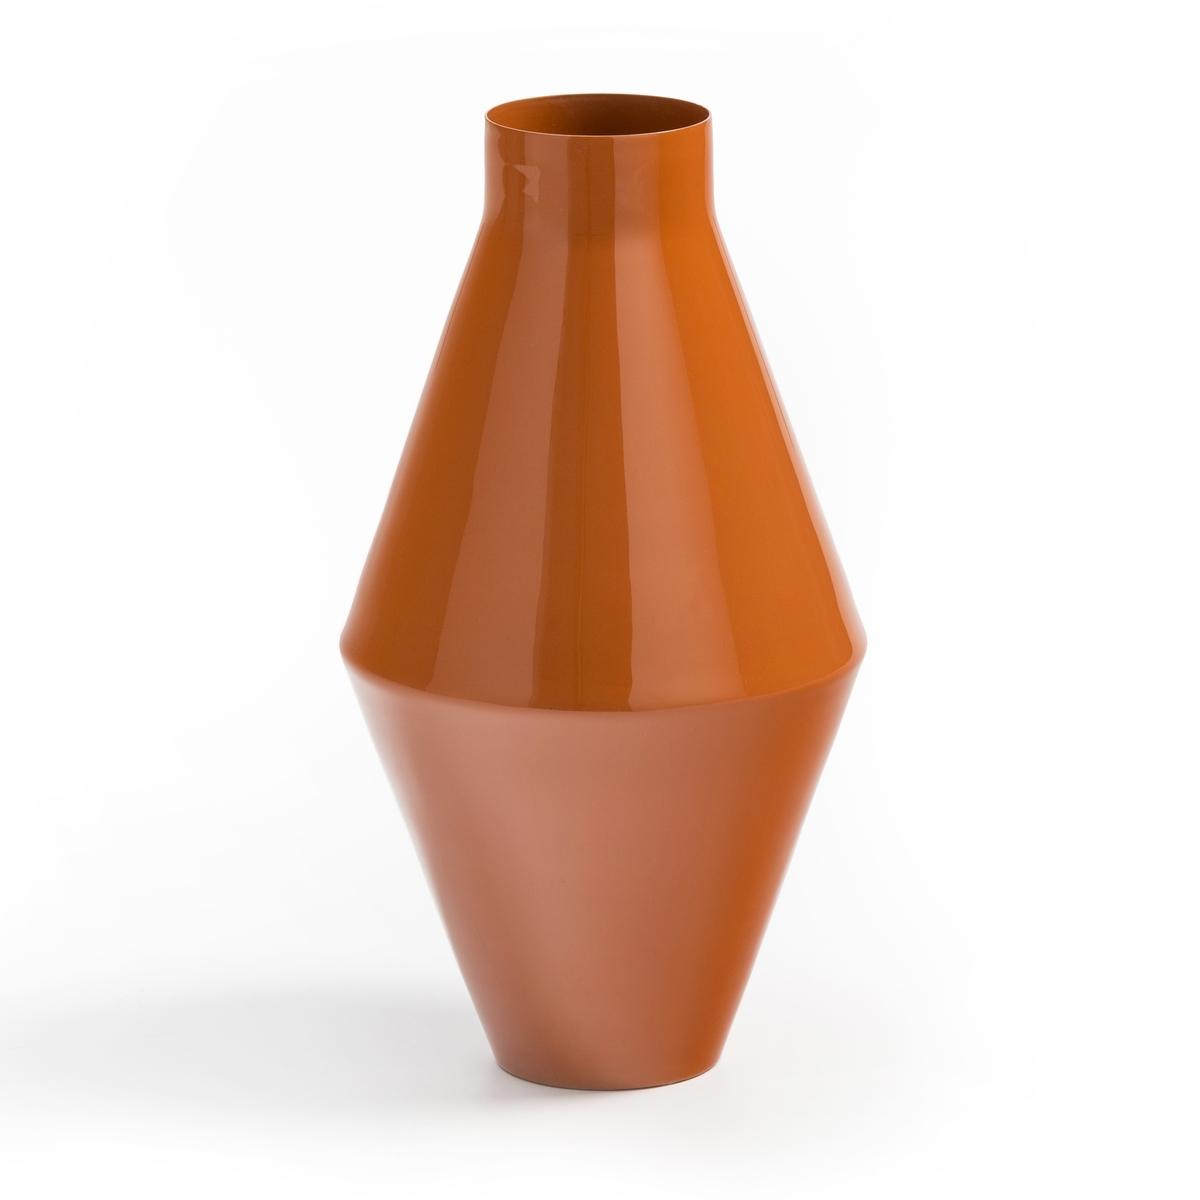 Ваза La Redoute Из металла в стиле -х В см Plana единый размер оранжевый